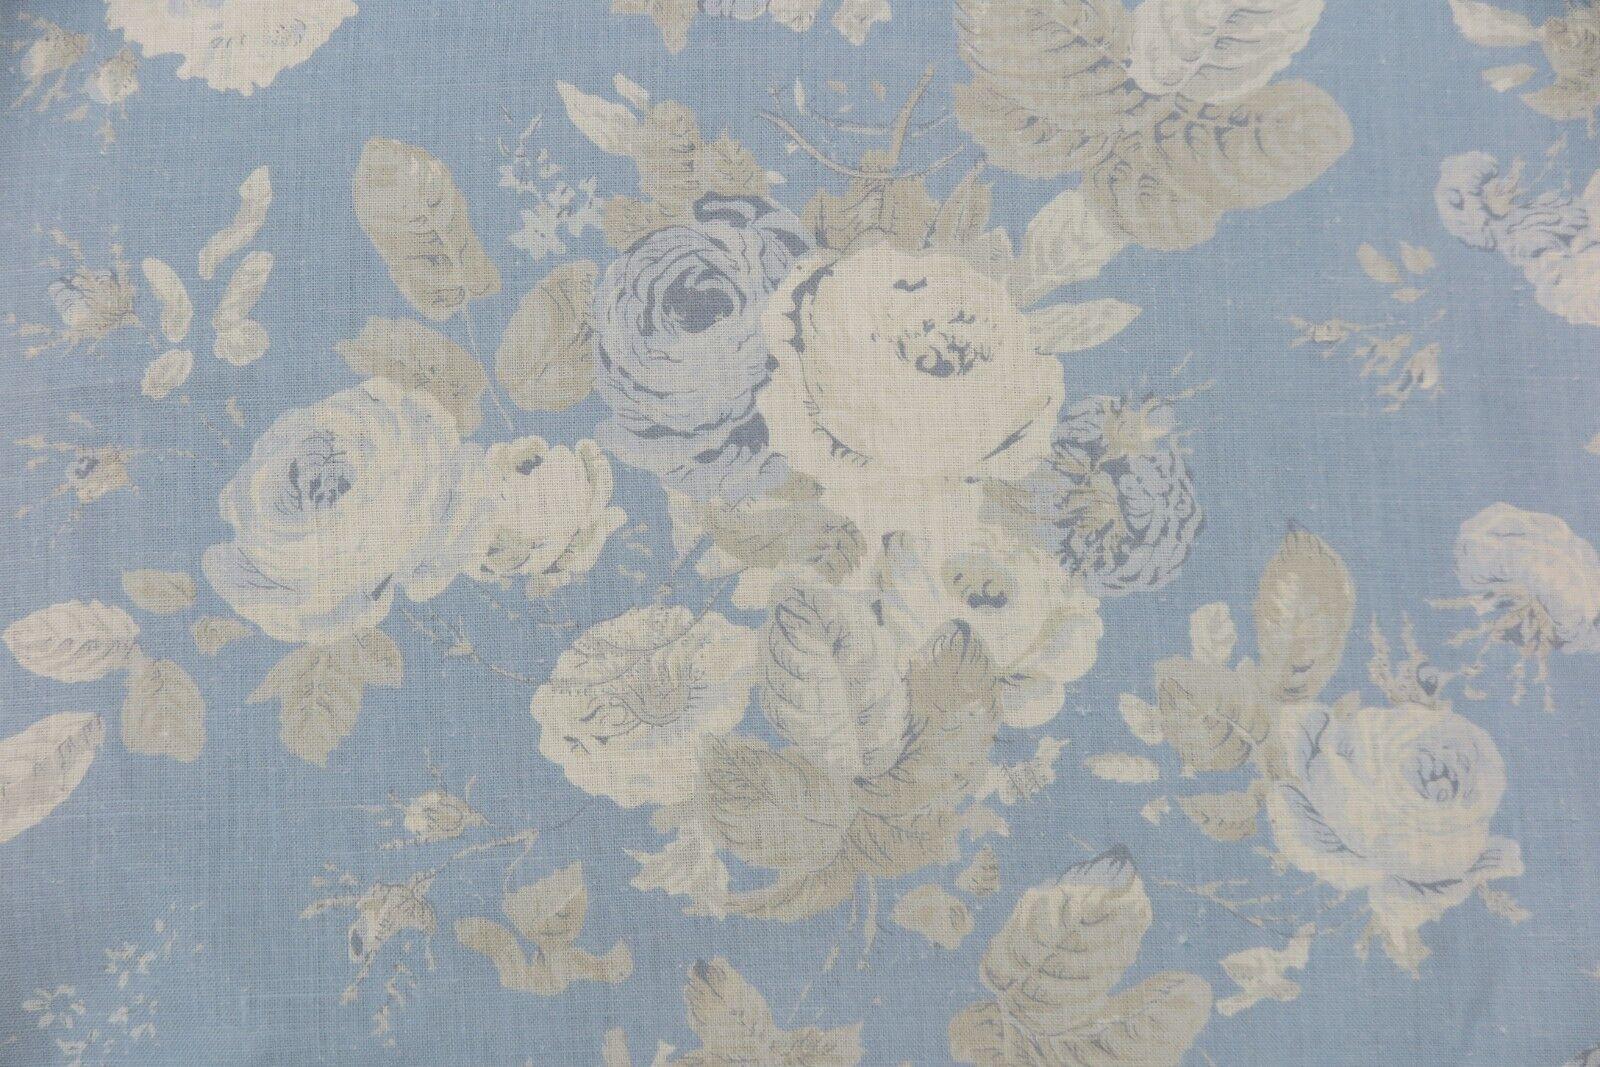 RALPH LAUREN CURTAIN FABRIC Tallulah Floral MIST LIGHT Blau 100% 100% 100% LINEN 3.3 METRE b65e34